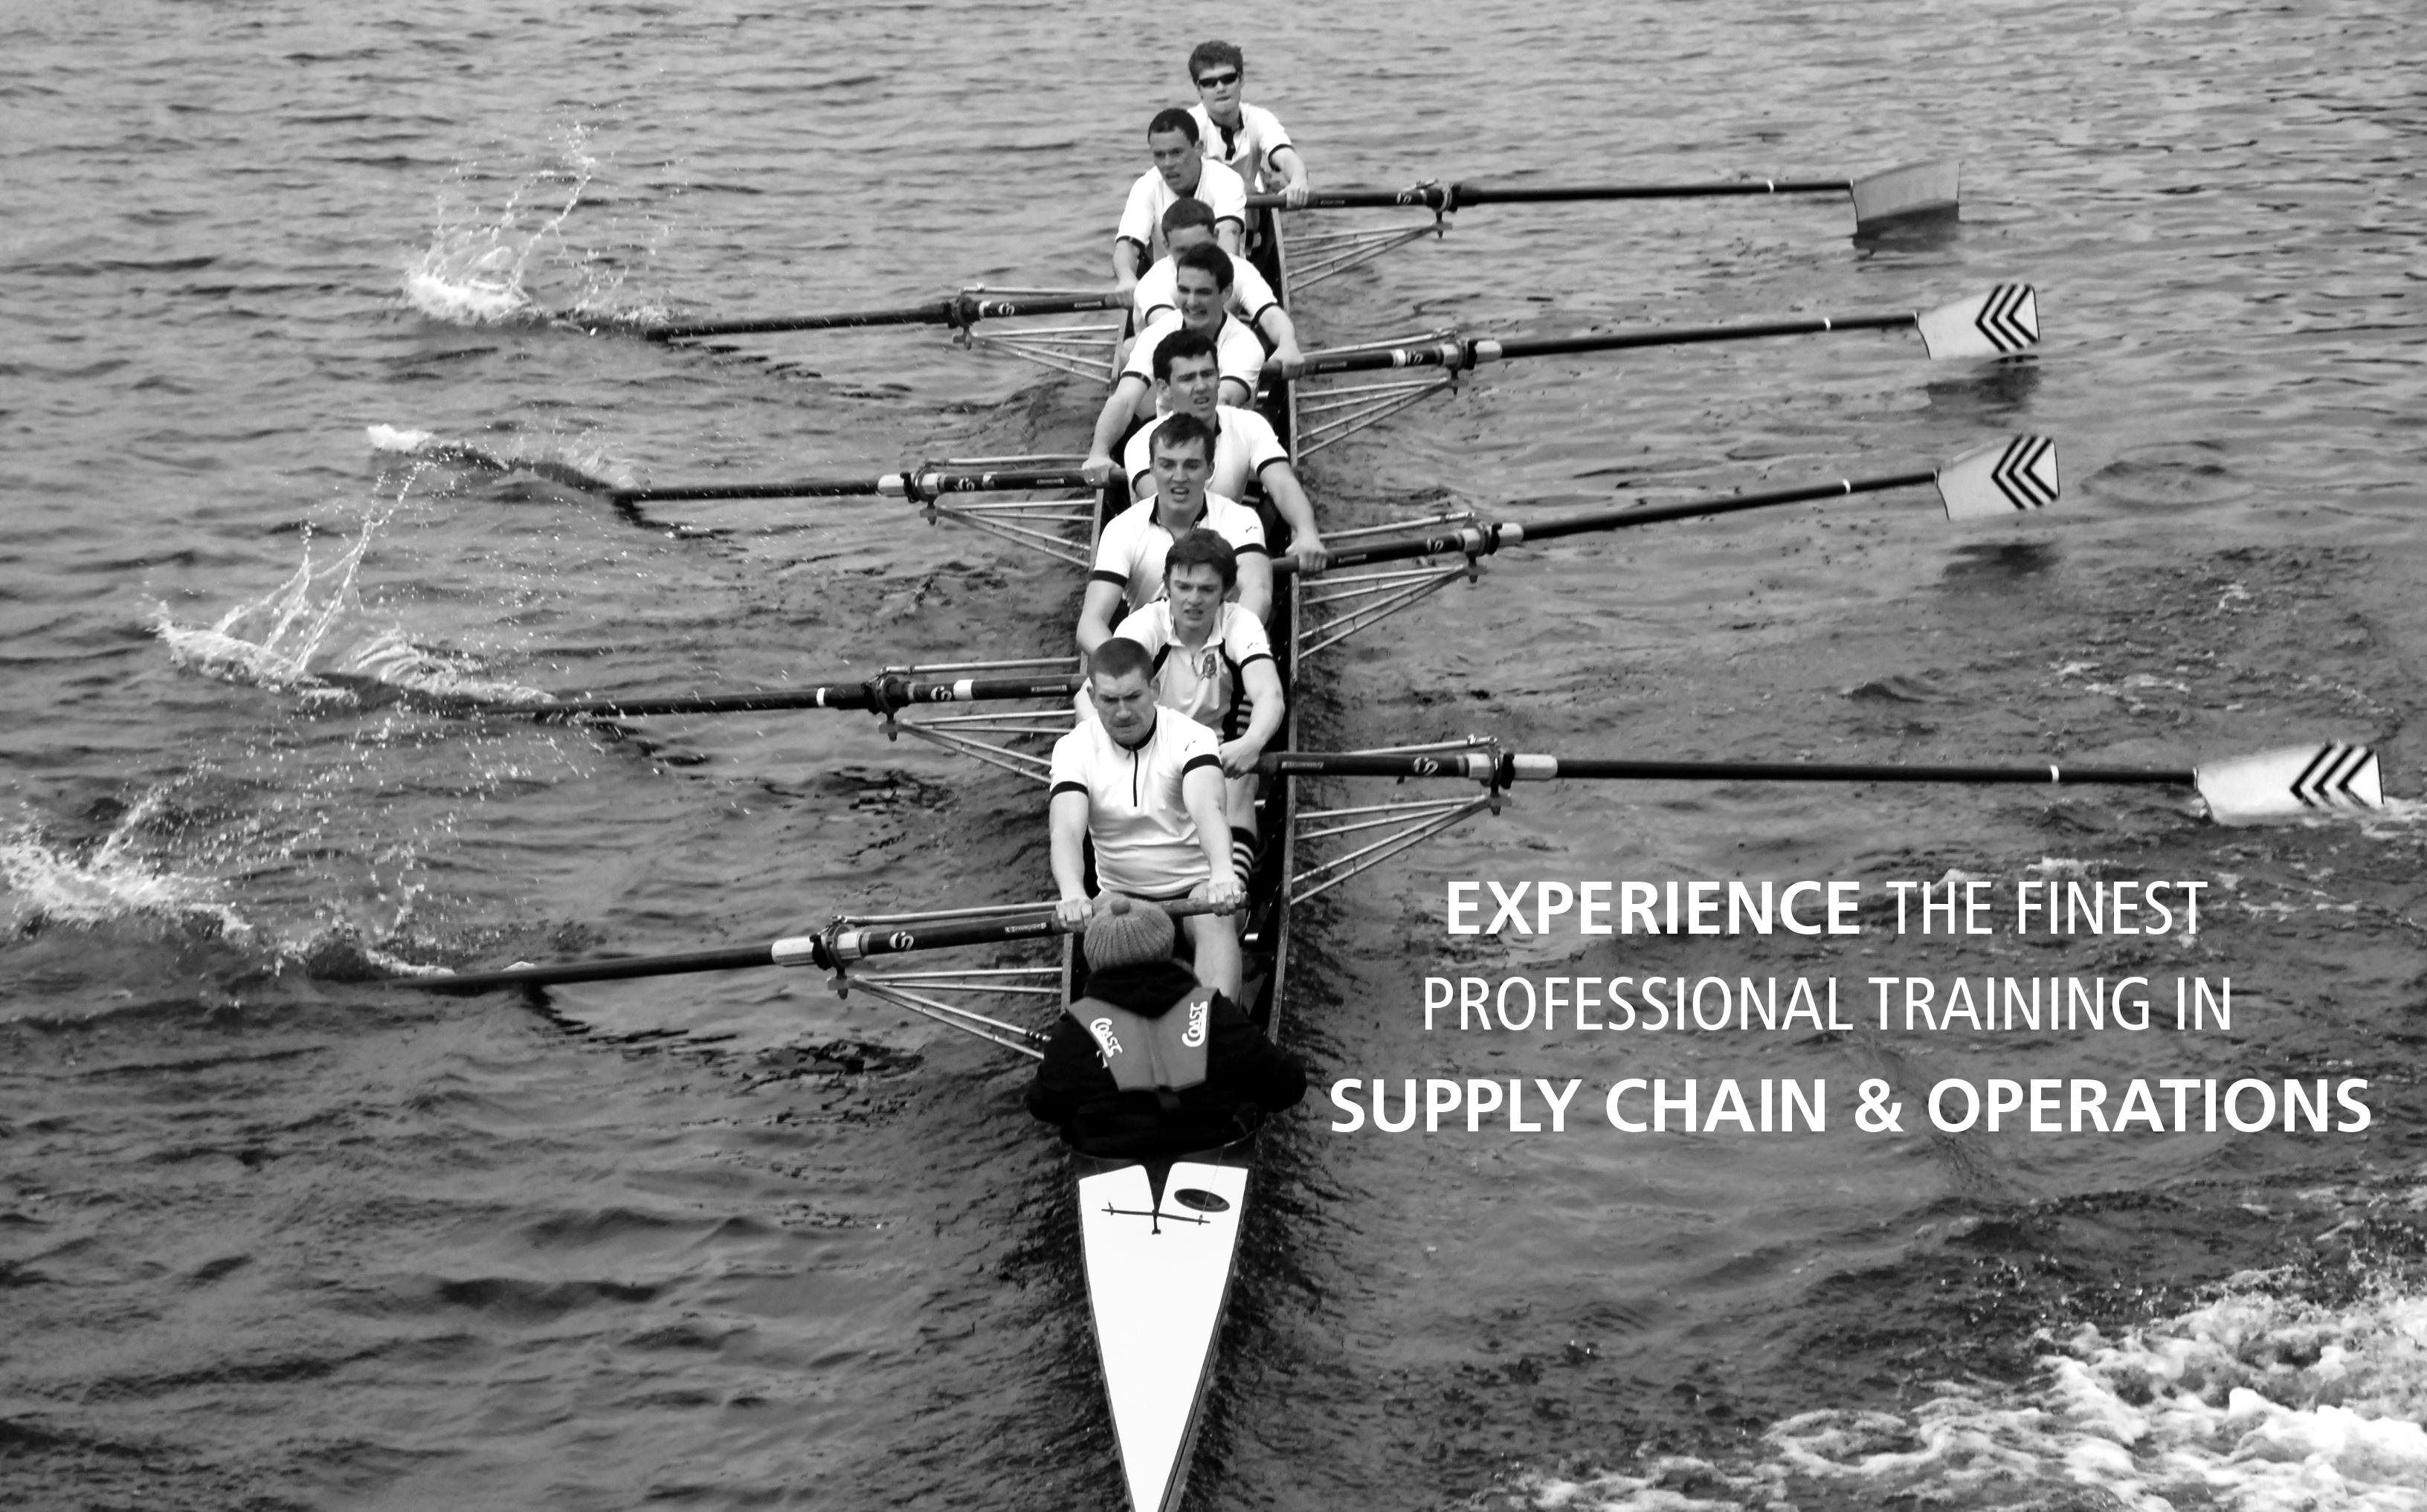 Rowing_.jpg